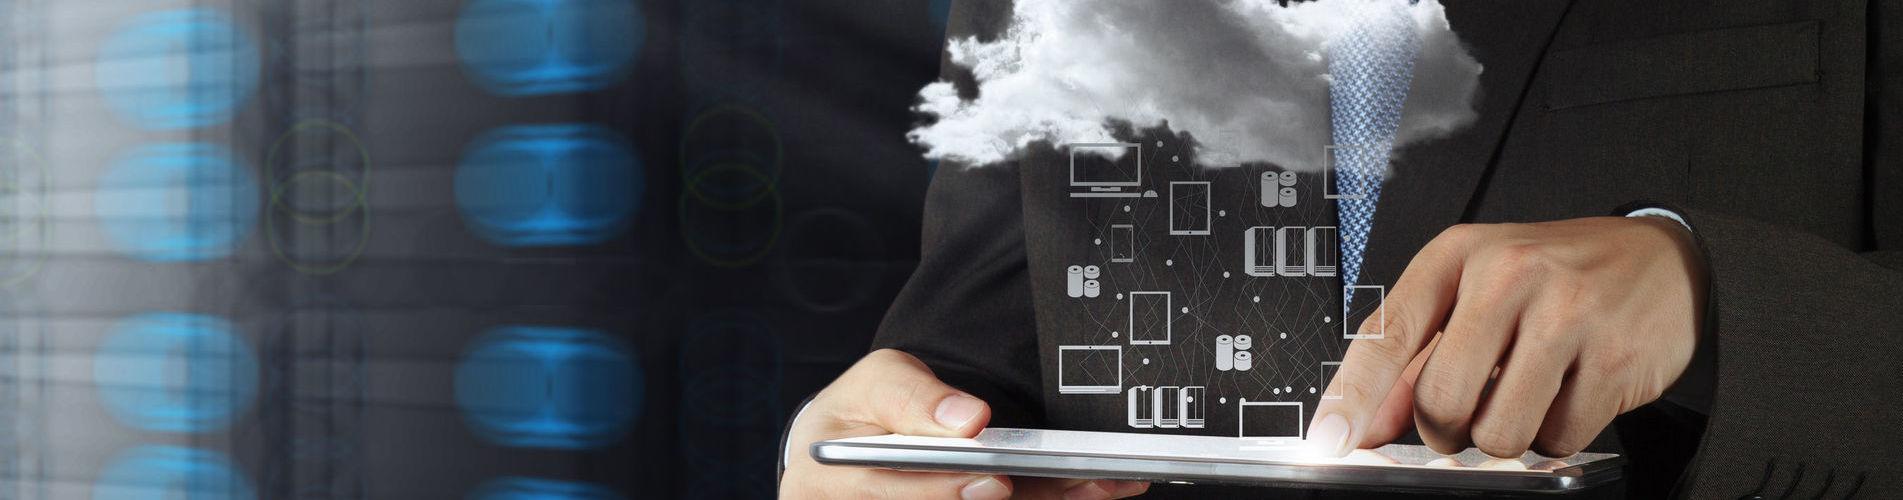 Come il cloud sta cambiando la tecnologia all'interno dell'azienda